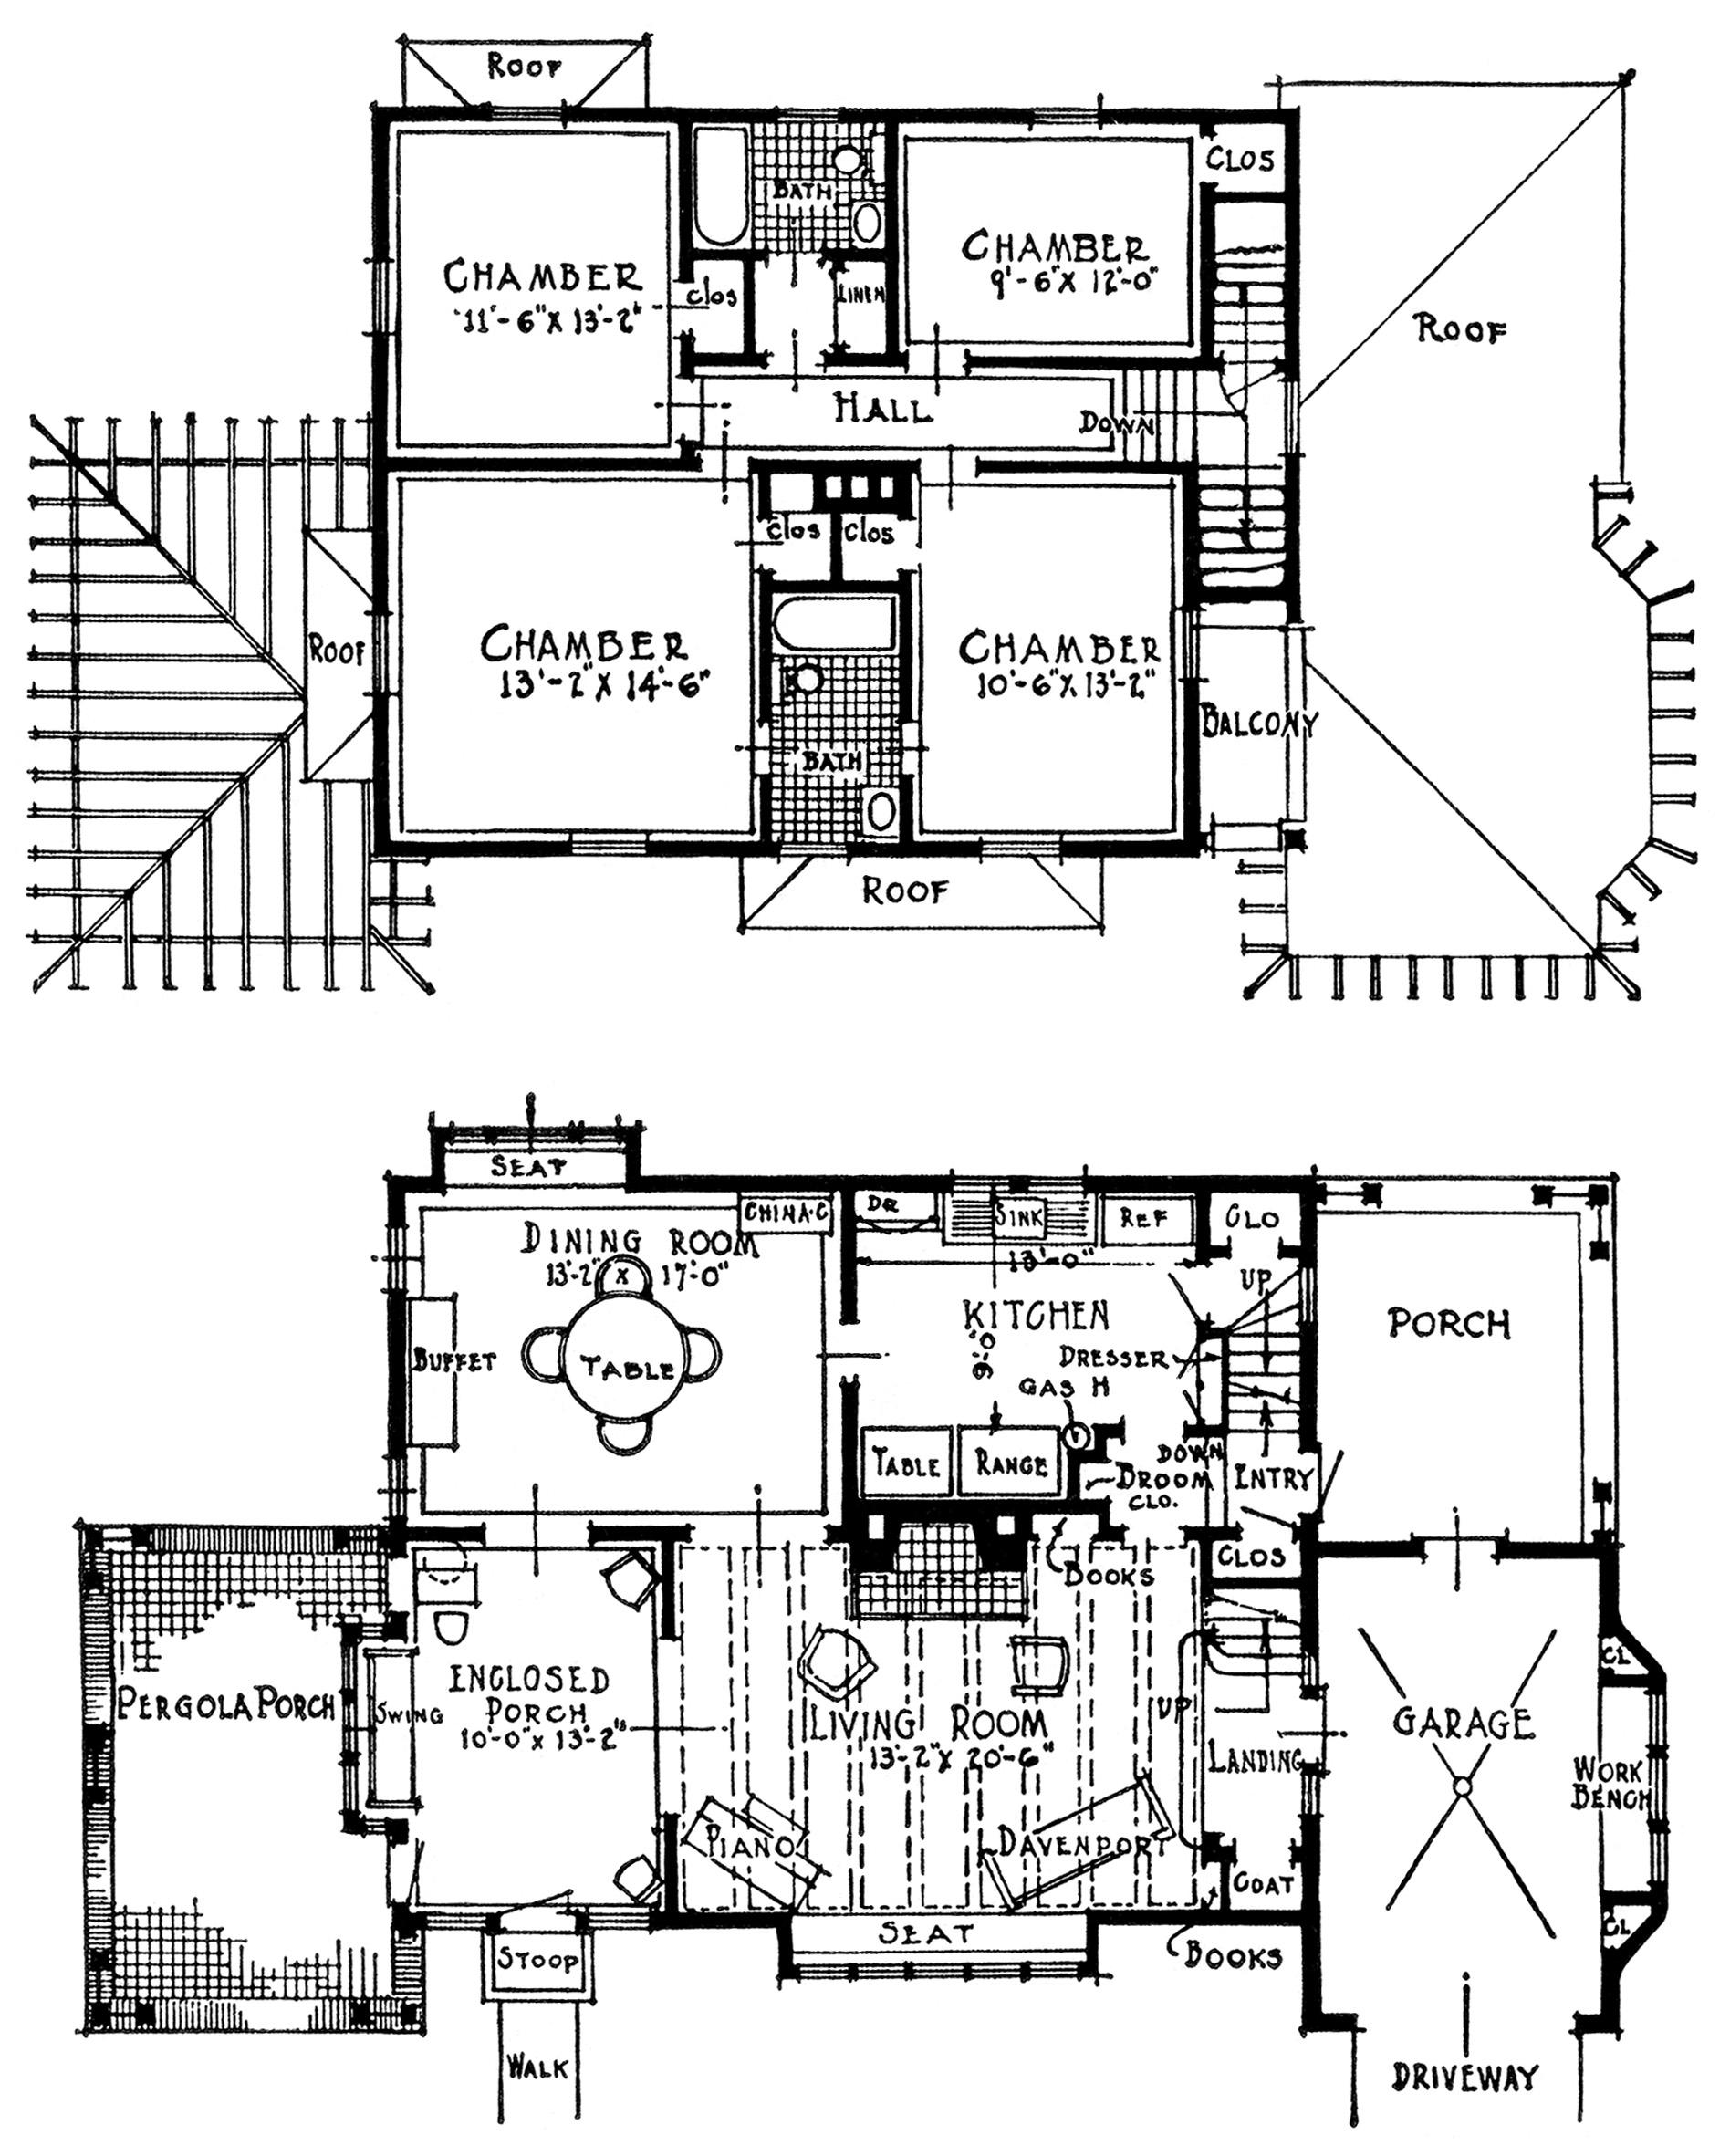 Vintage Homes With Attached Garages Old Design Shop Blog